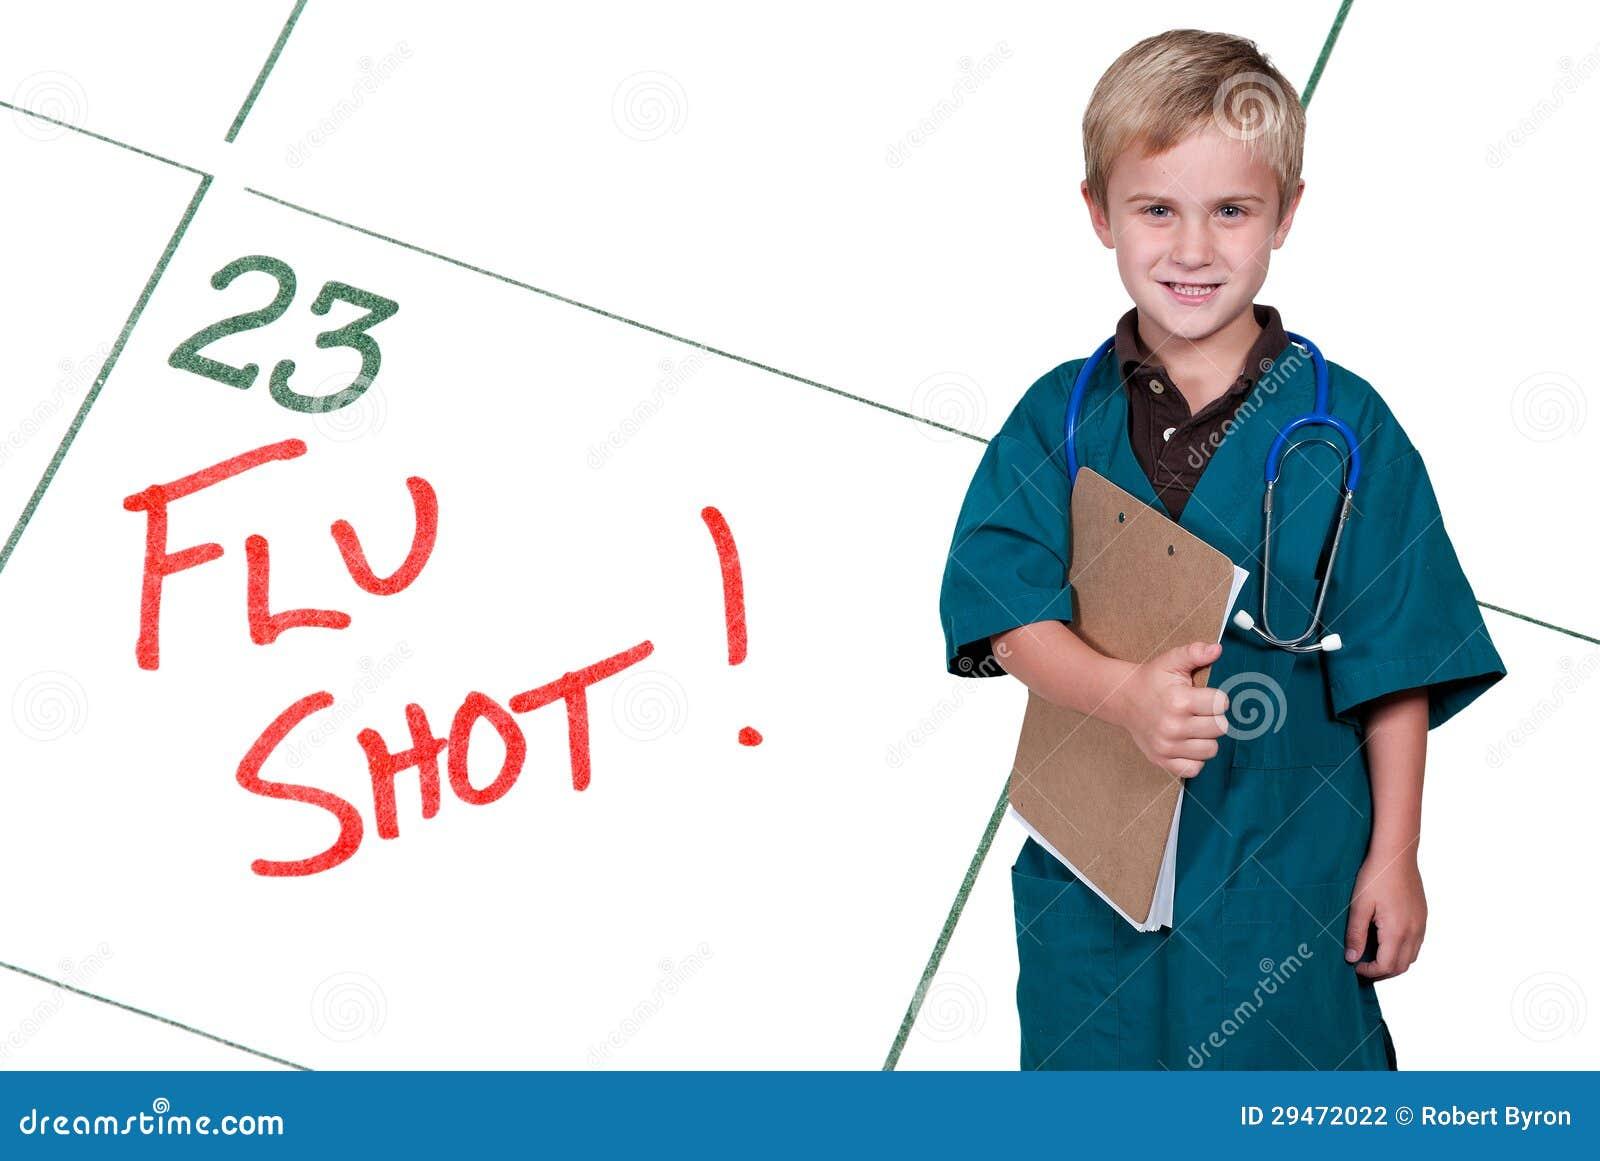 Mały Doktorski szczepionka przeciw grypie